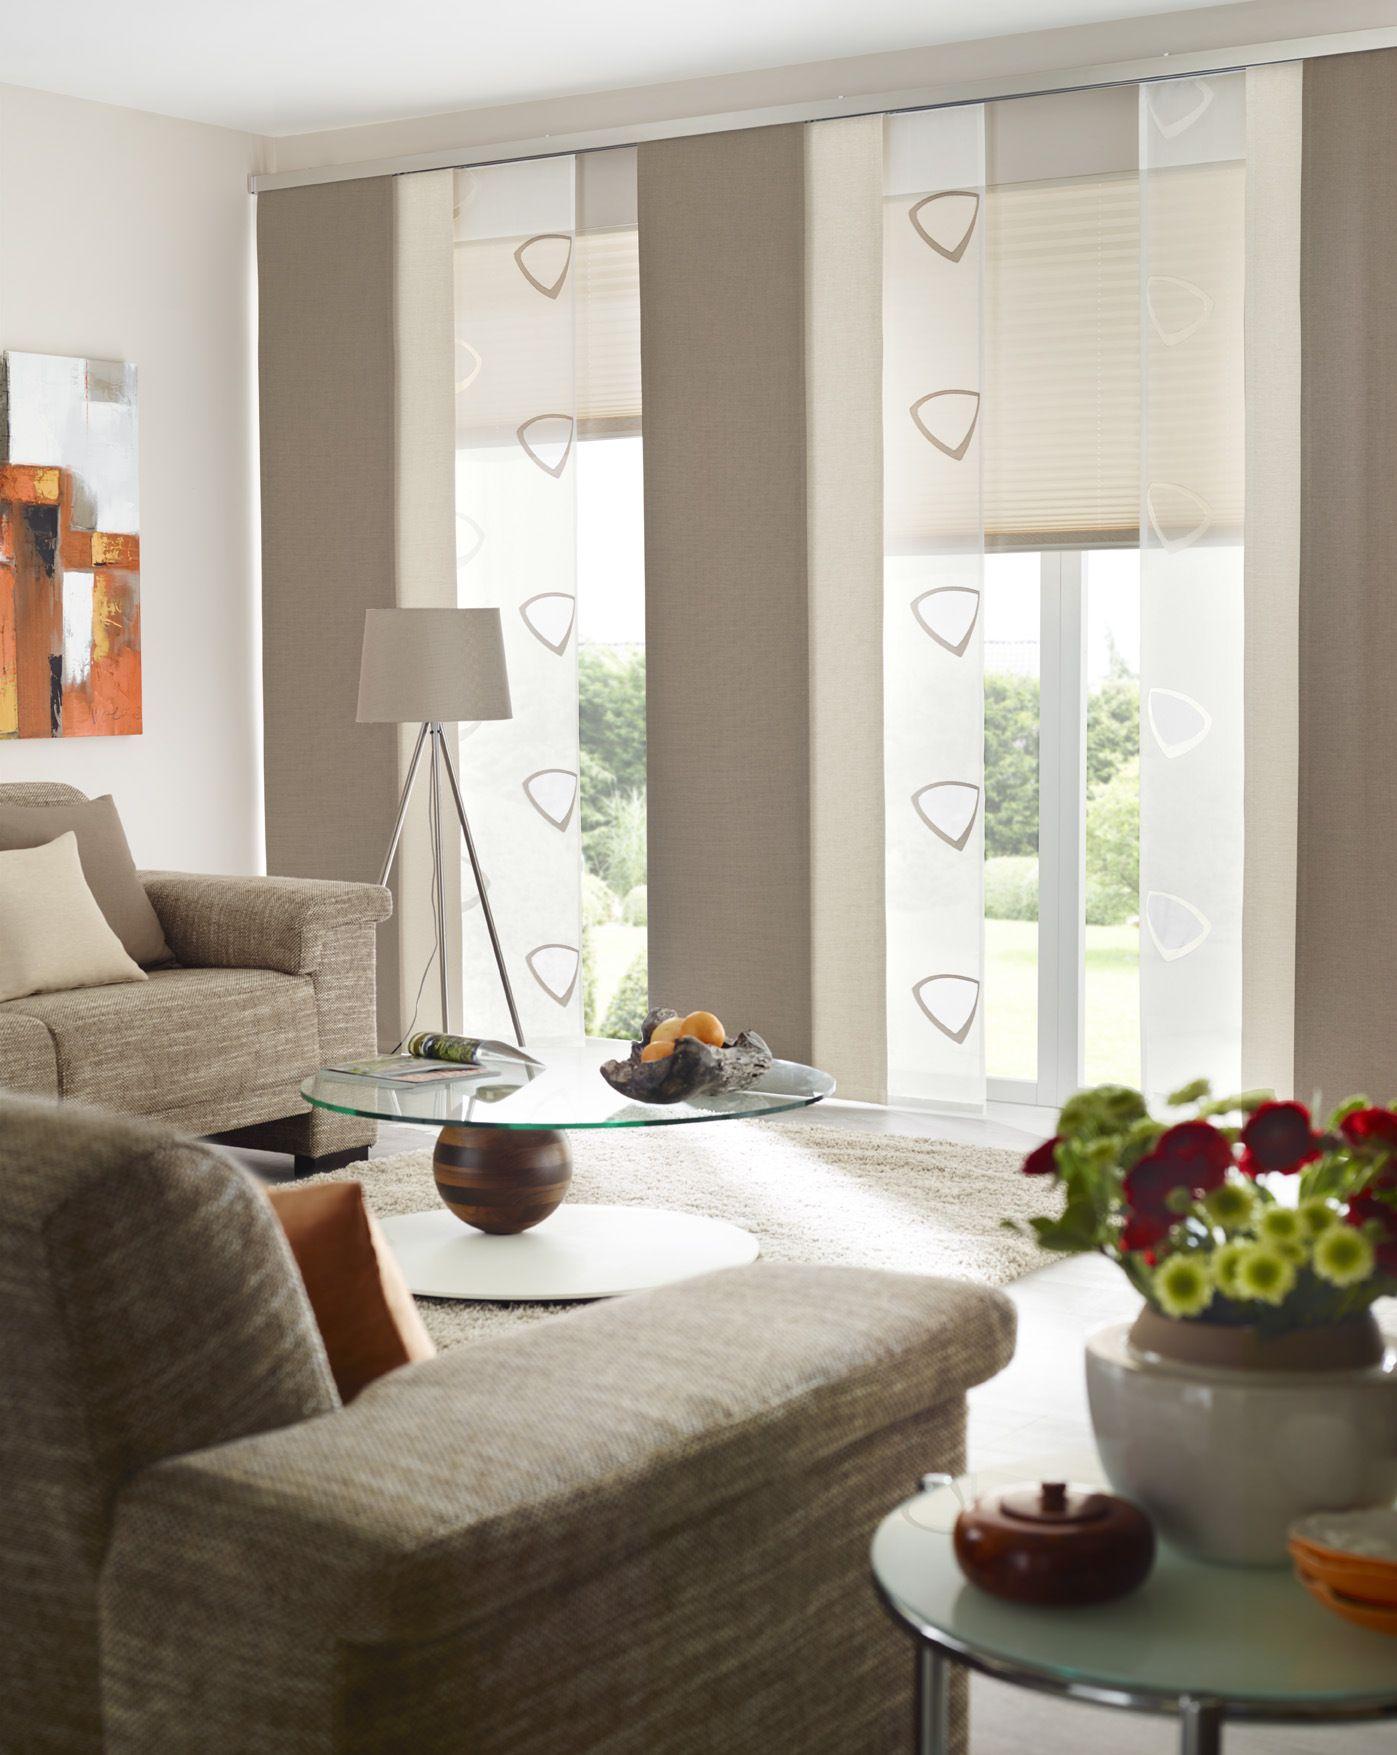 Full Size of Modern Gardinen Fenster Urbansteel Deckenleuchte Schlafzimmer Für Die Küche Wohnzimmer Moderne Duschen Modernes Bett Deckenlampen Tapete Weiss Wohnzimmer Modern Gardinen